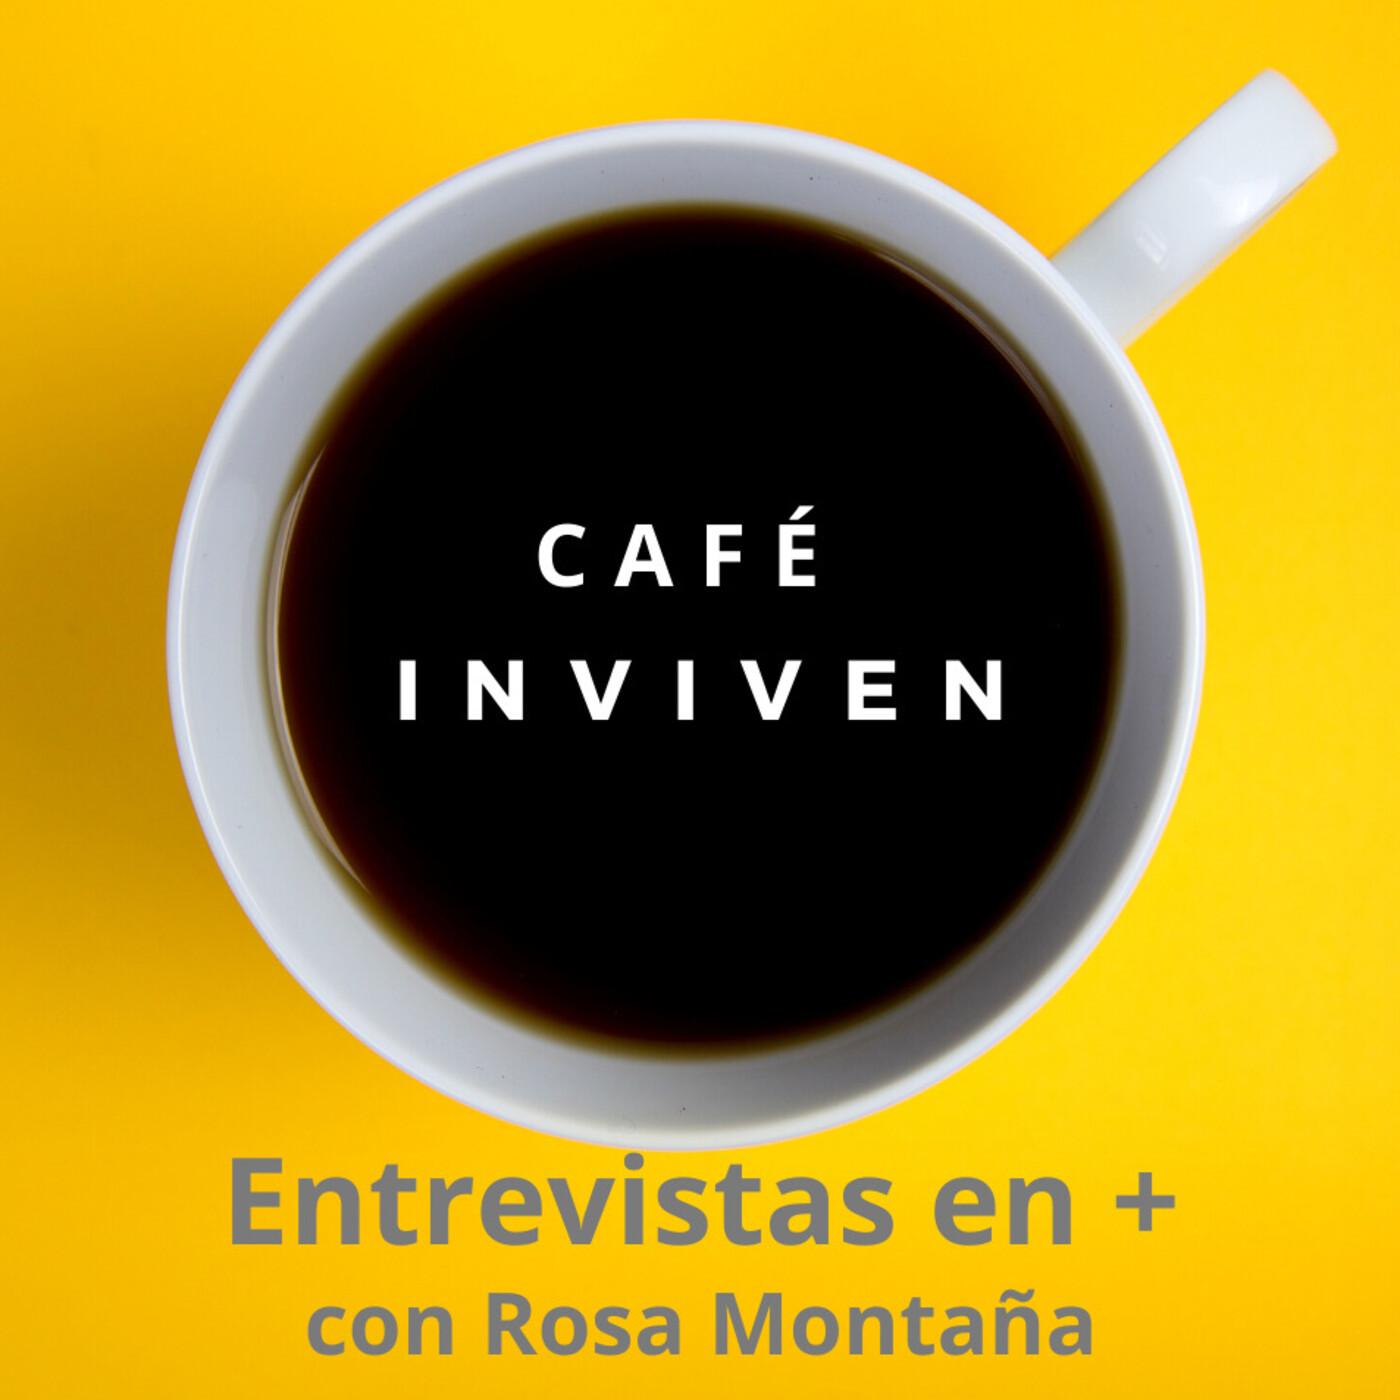 Café INVIVEN 037. José Luis Vives y el camino de la plenitud